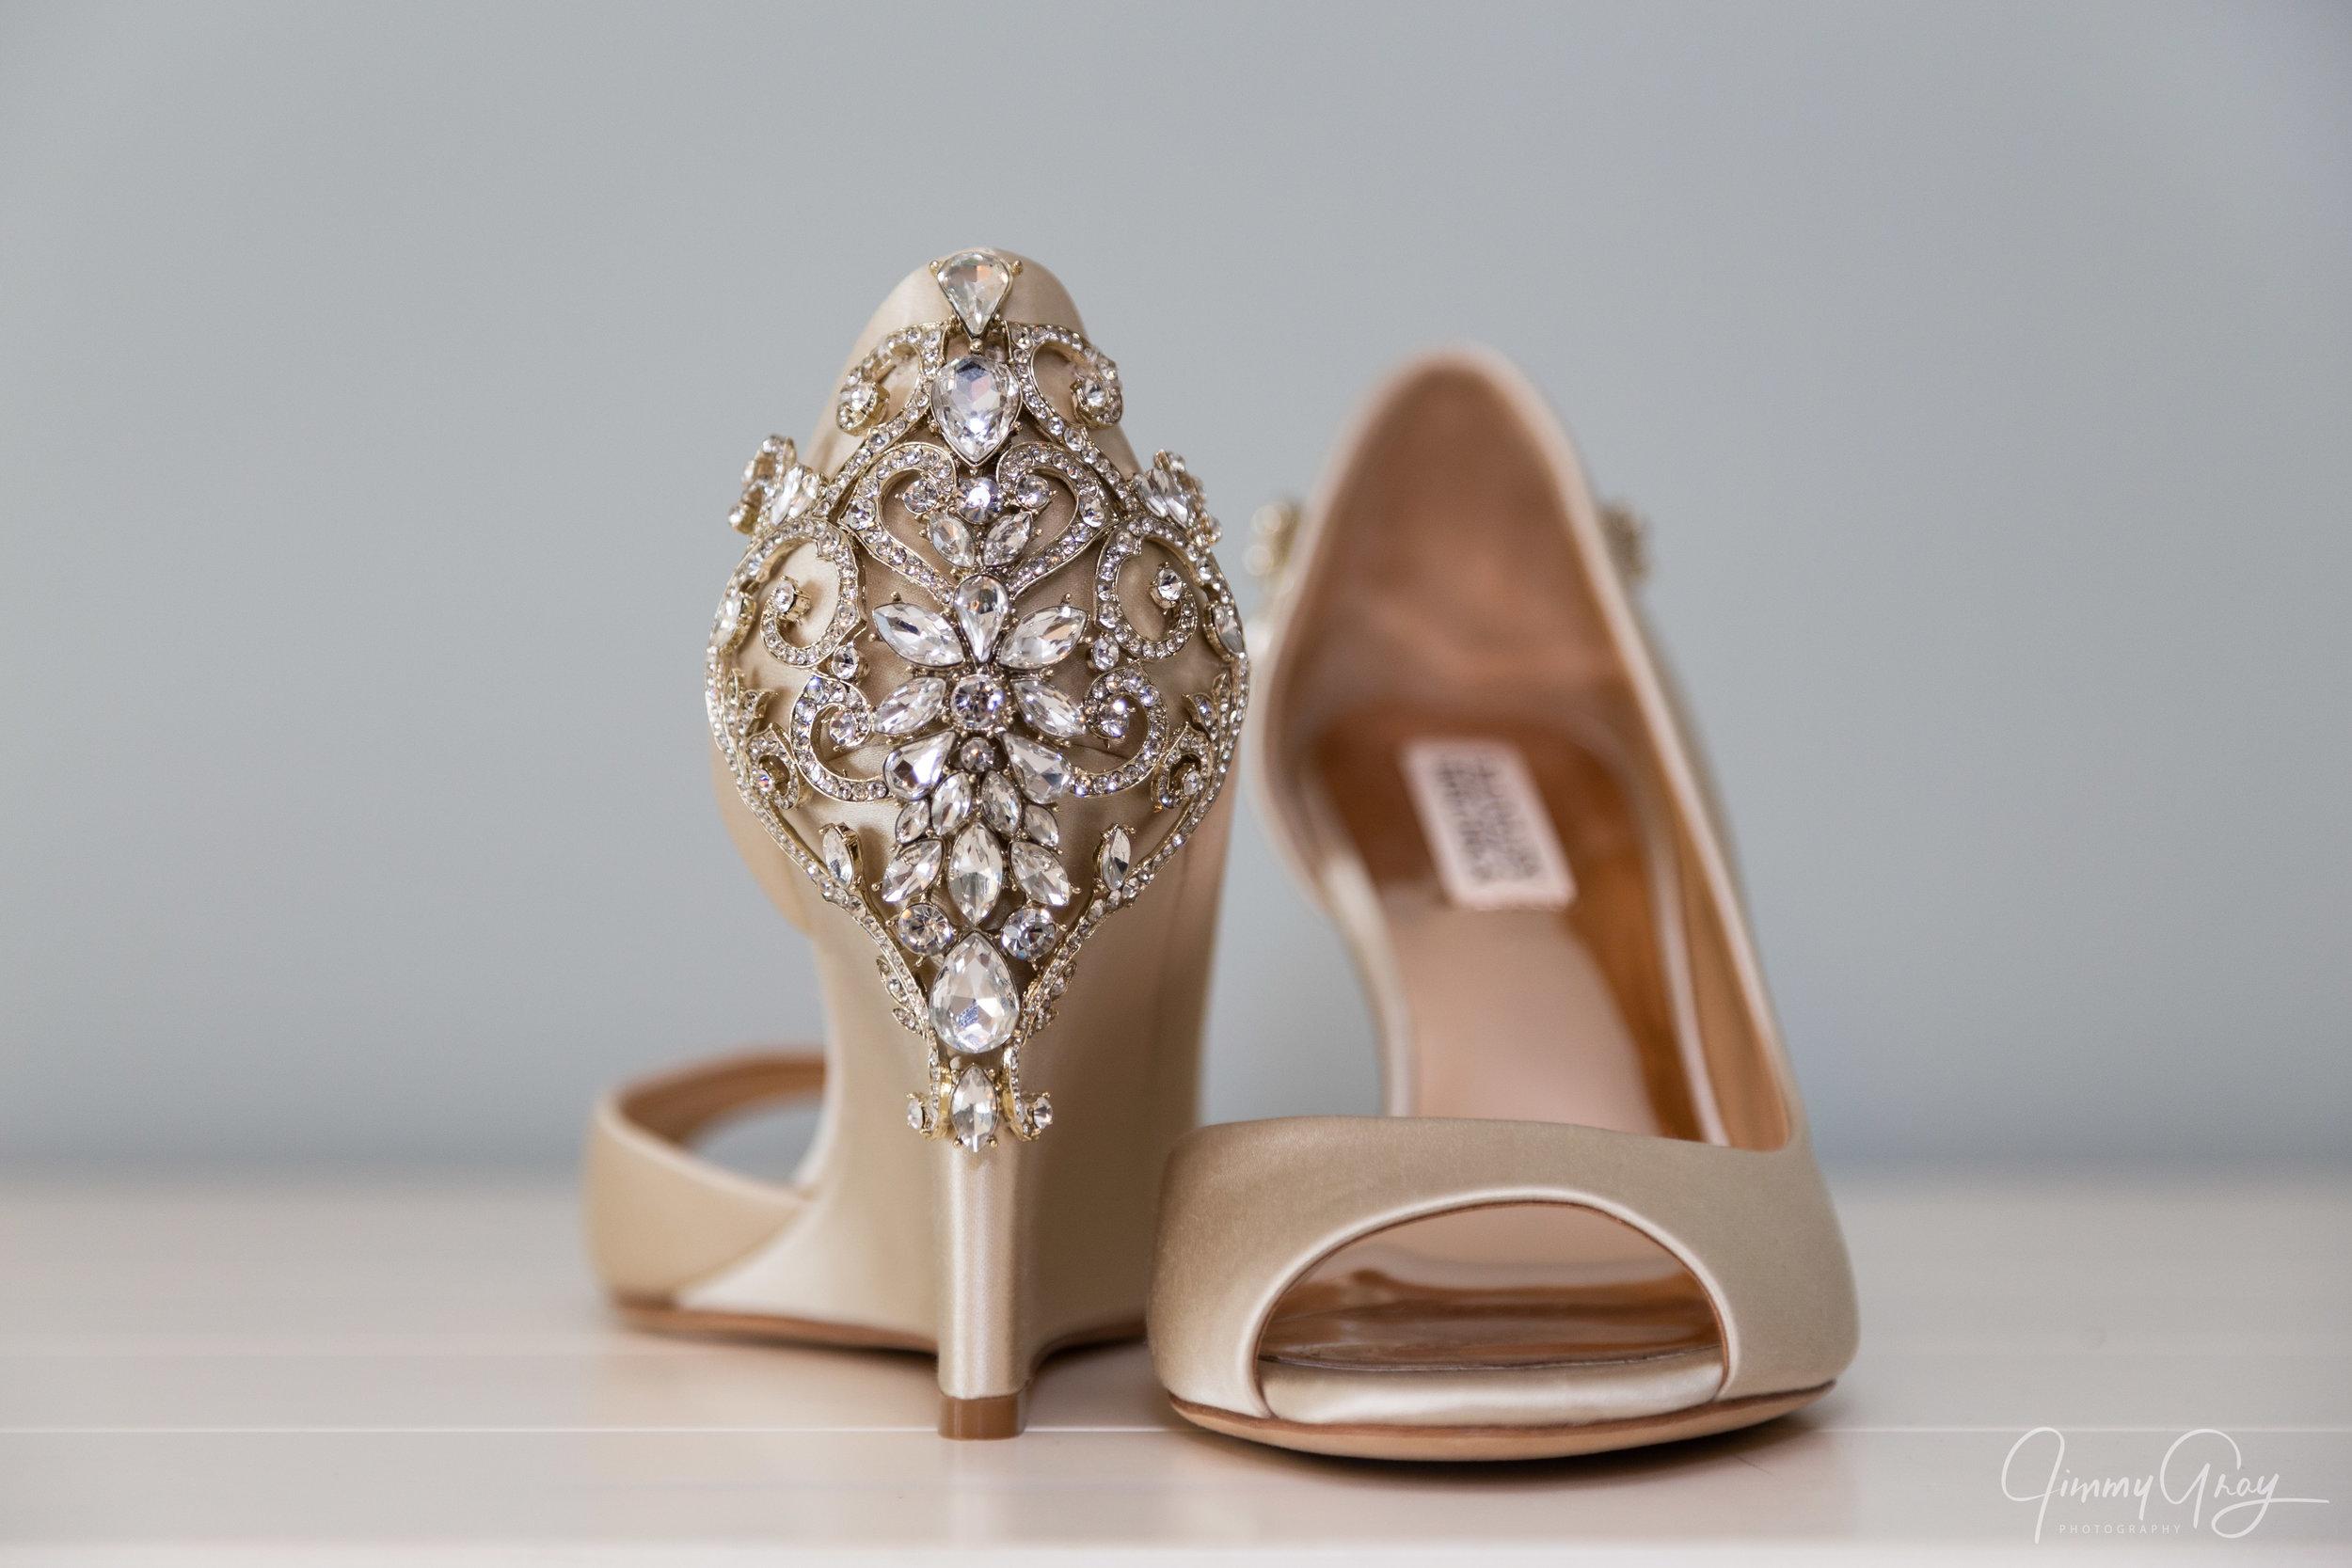 NH Wedding Photography - Jimmy Gray Photo - Laconia, NH - Bridal Shoes Detail Shot - Badgley Mischka